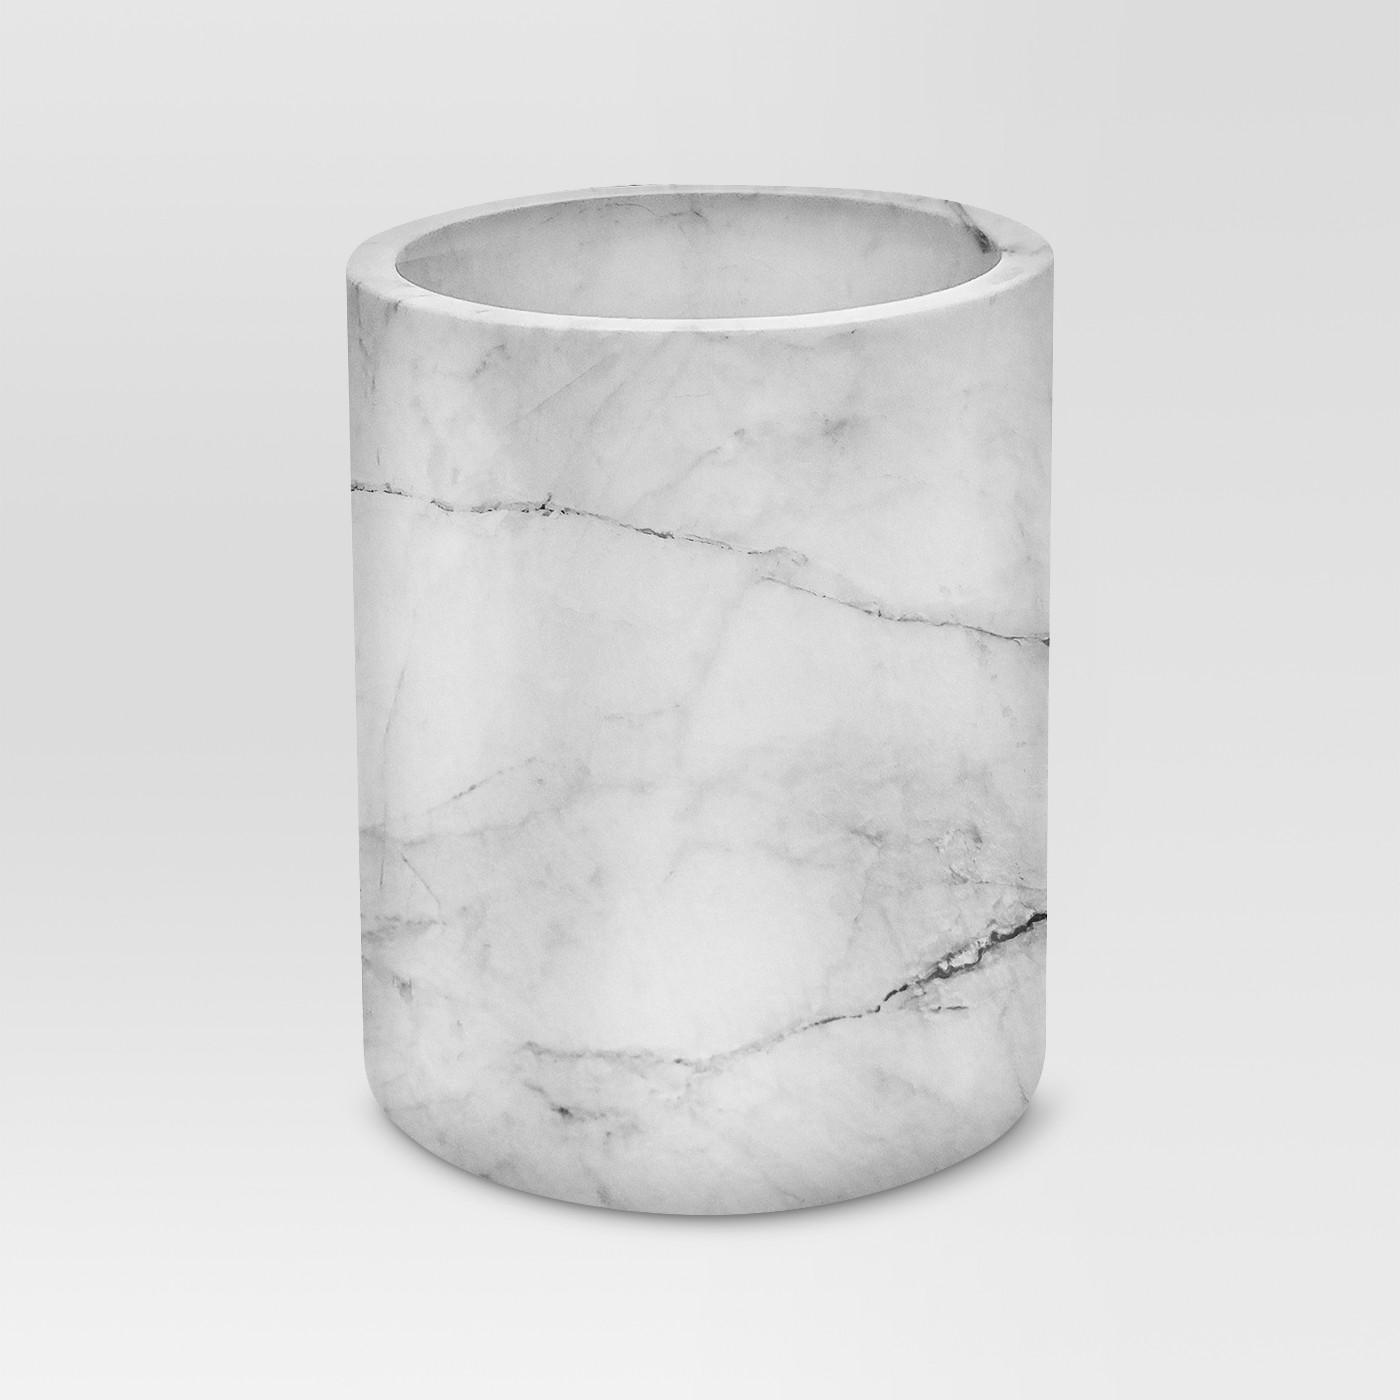 Large Marble Utensil Holder - Threshold⢠- image 1 of 1